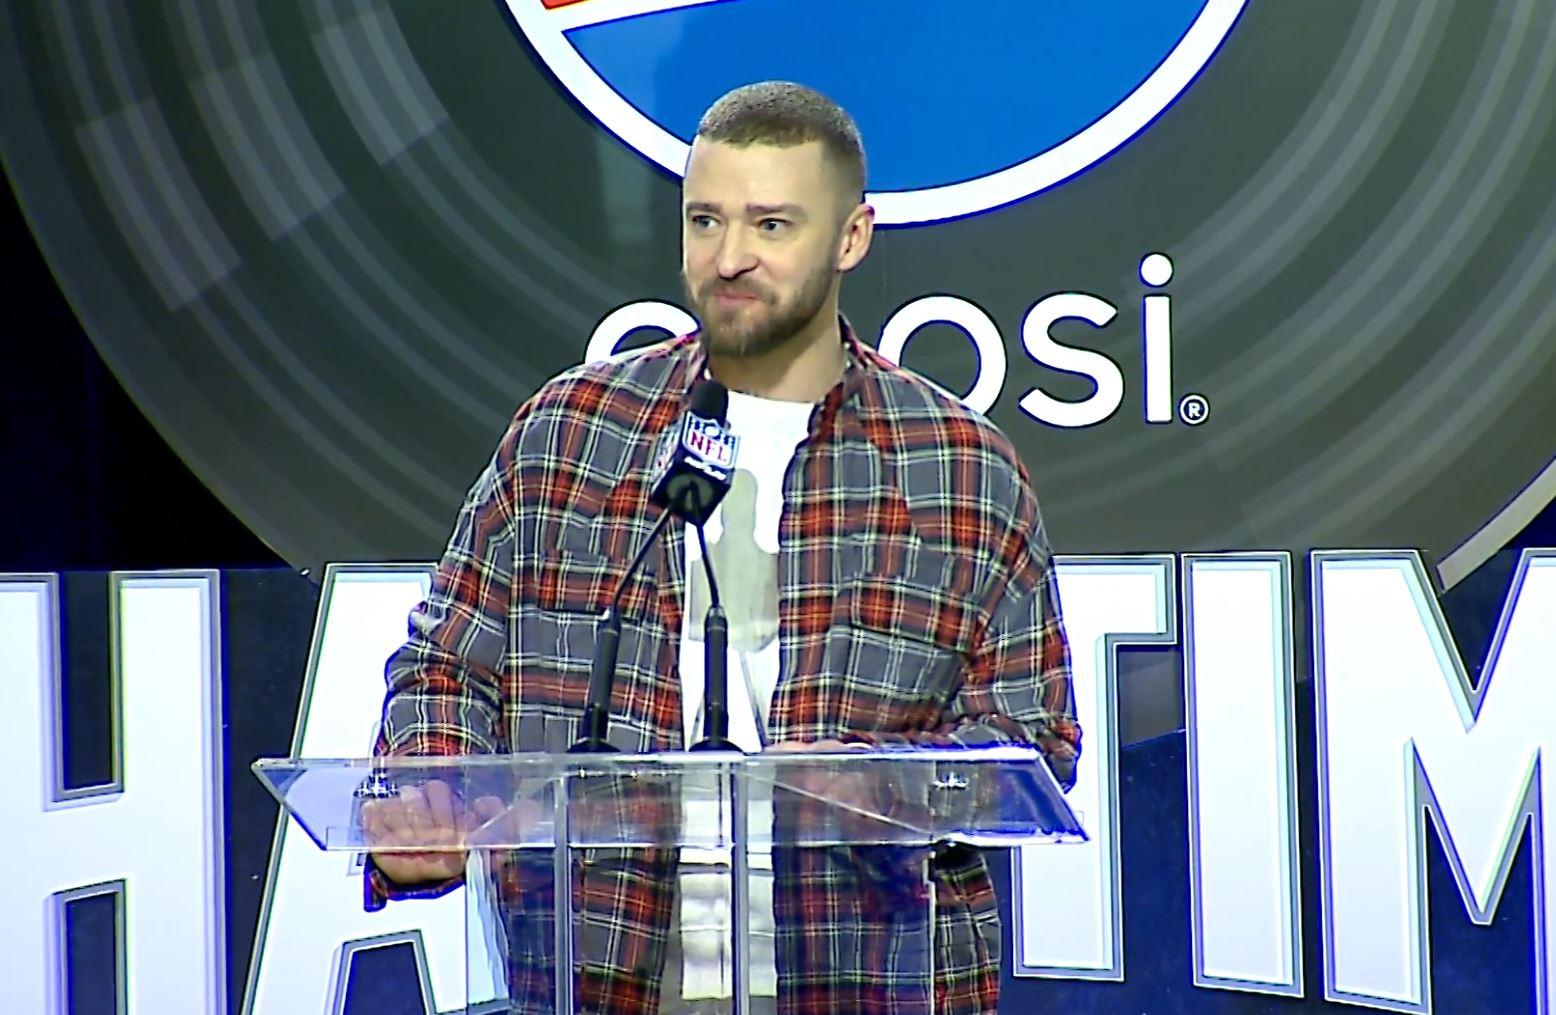 Justin Timberlake Generic Super Bowl LII_627761